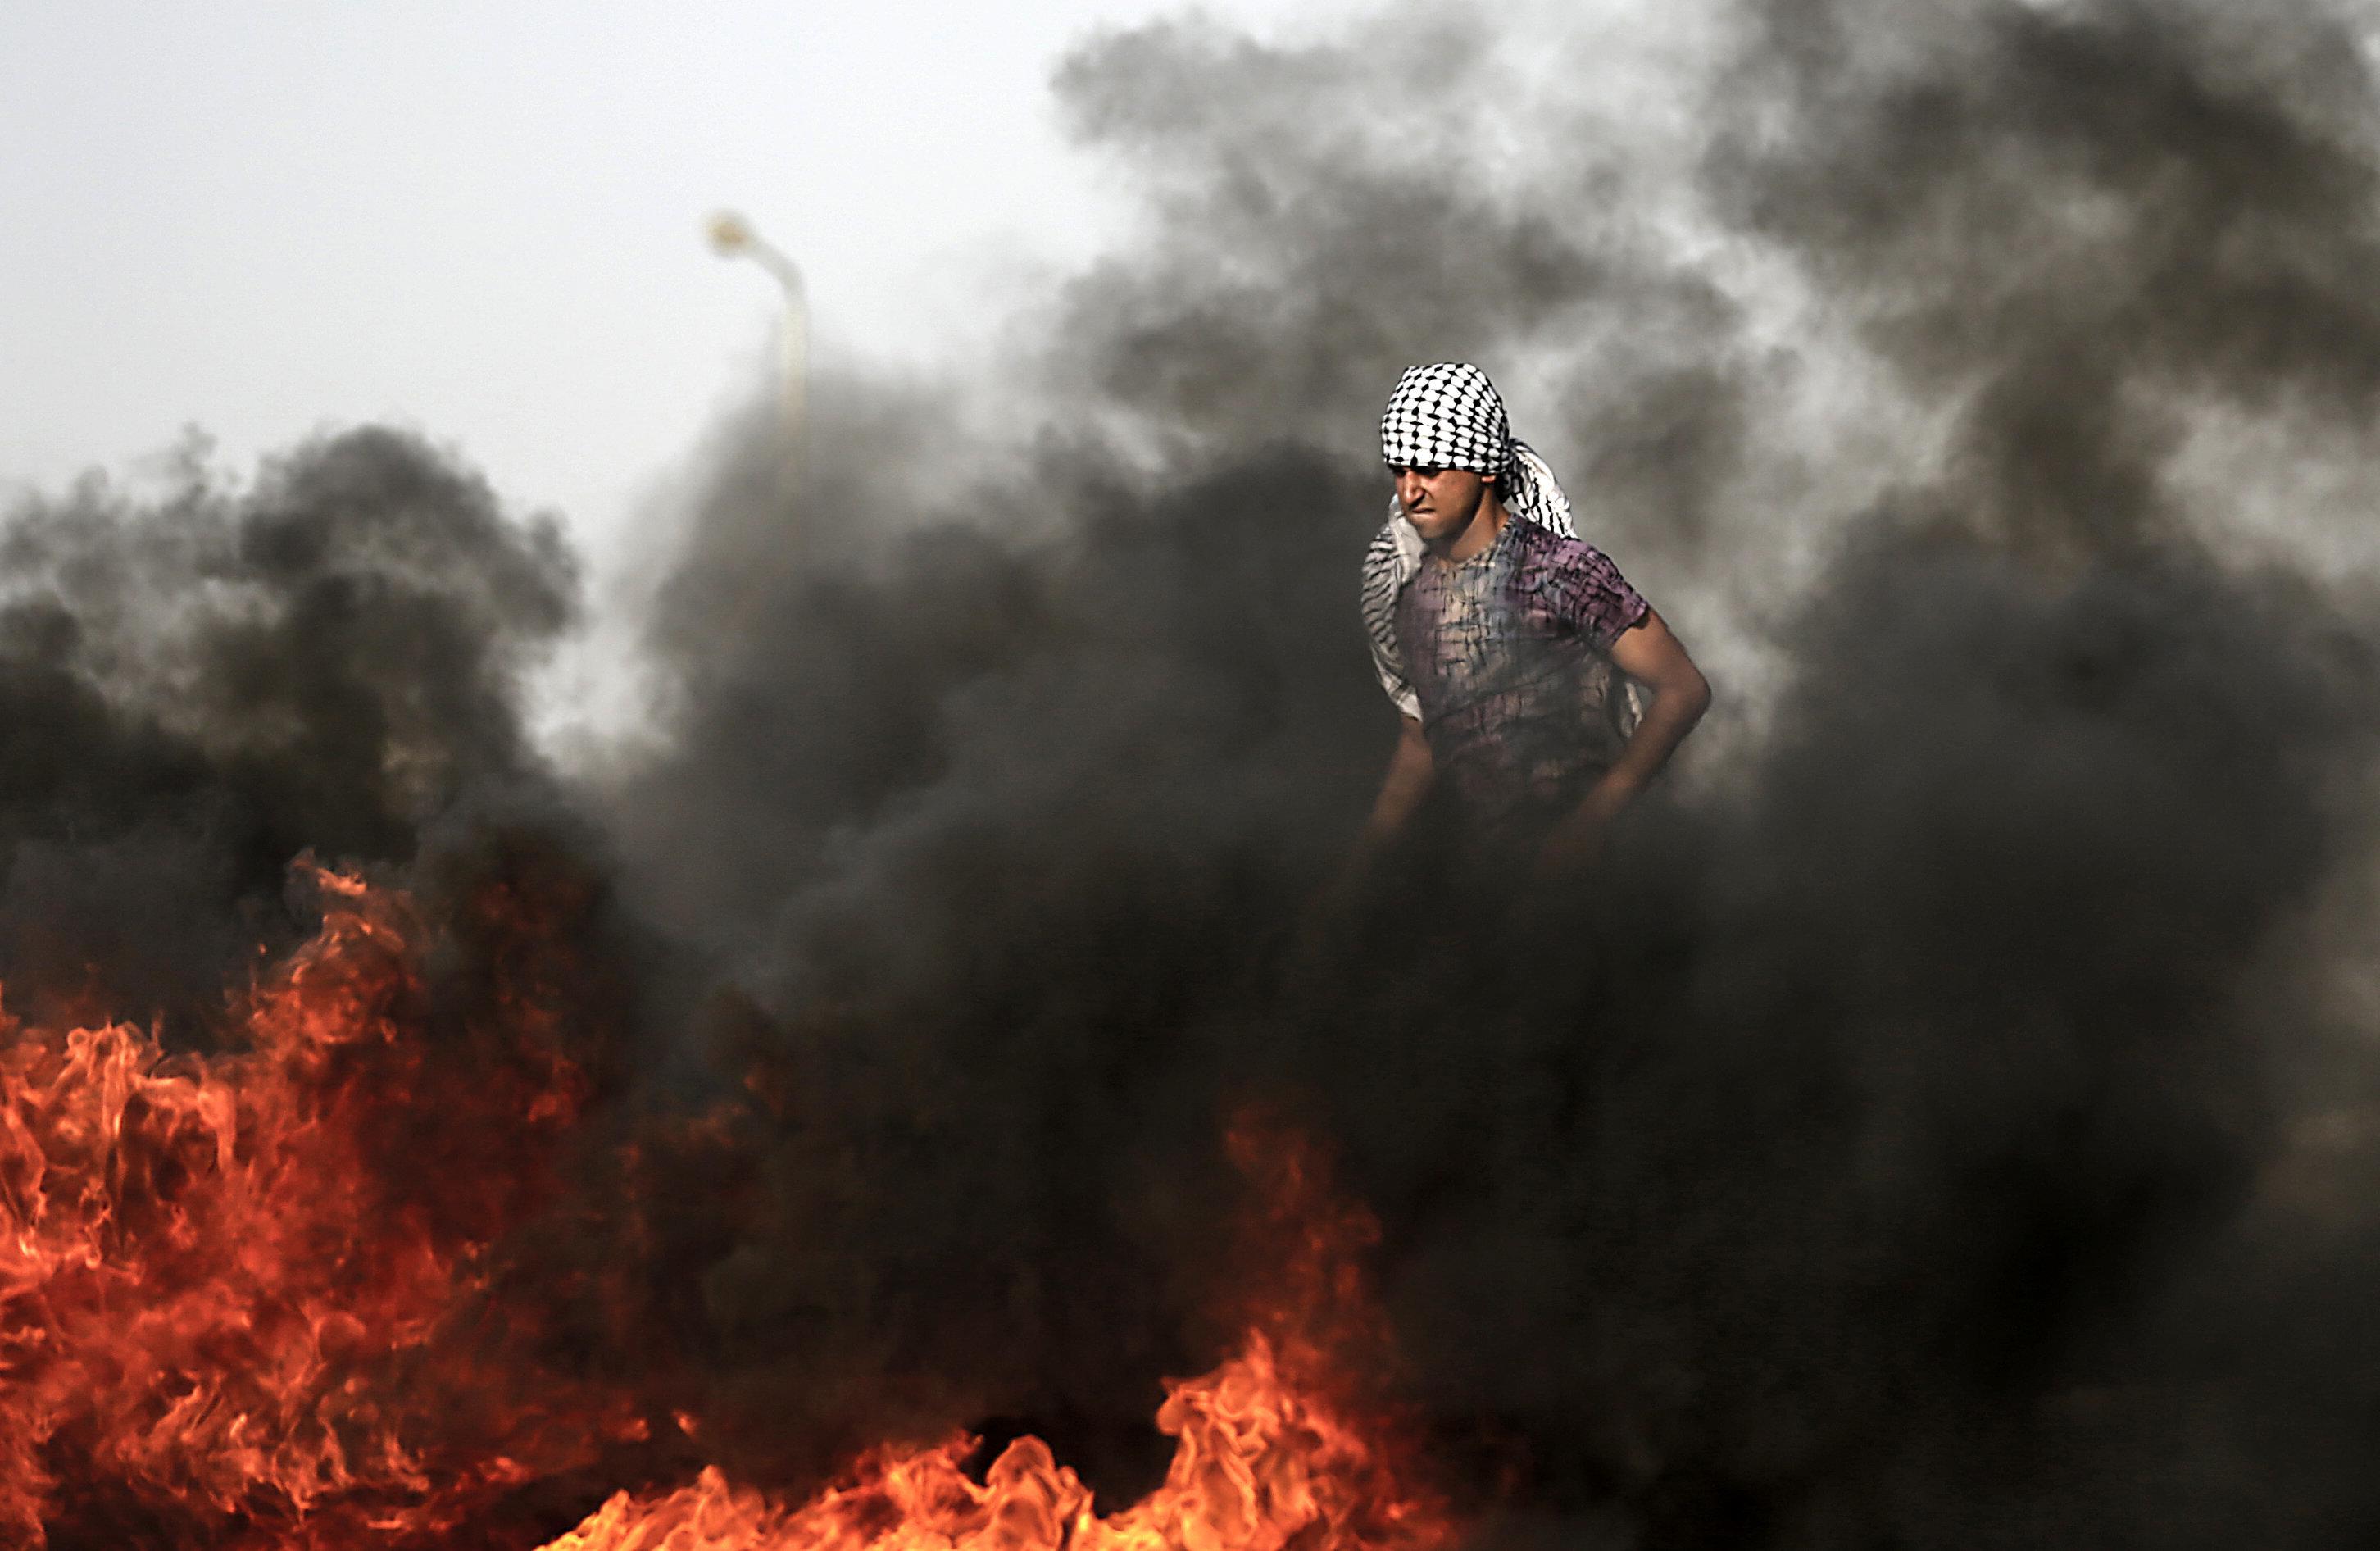 팔레스타인-이스라엘 분쟁에 대한 잘못된 믿음